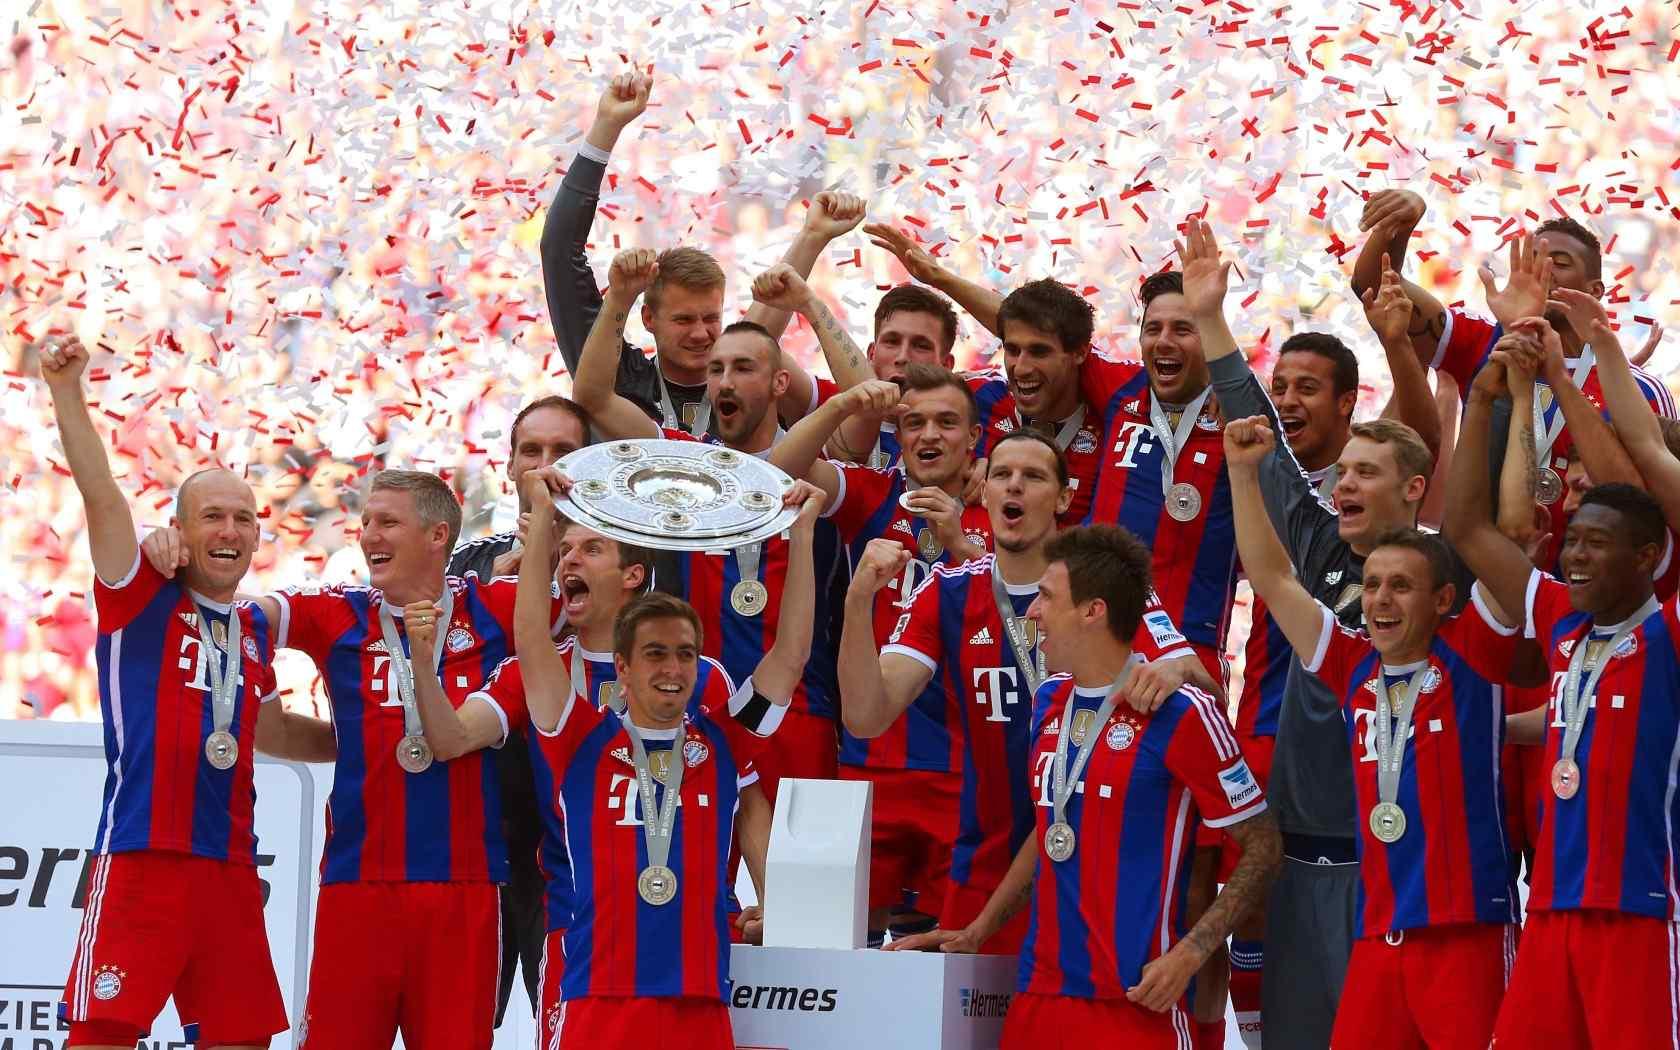 拜仁慕尼黑足球比赛高清壁纸